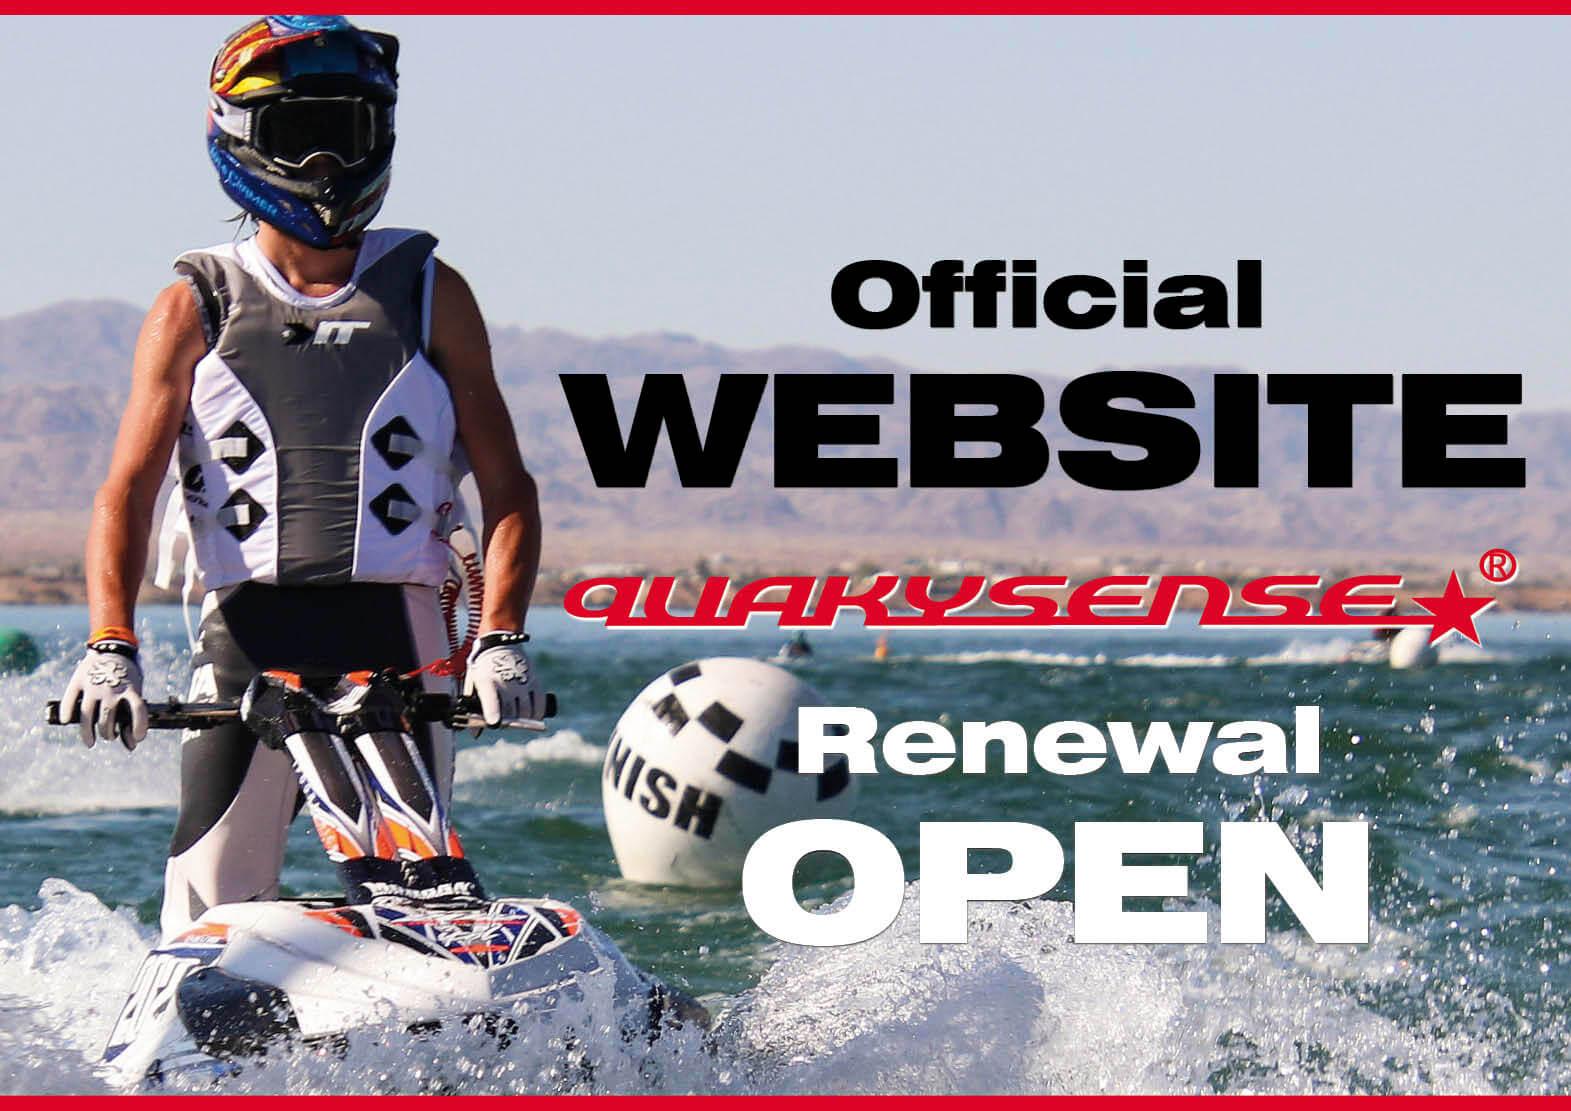 クエーキーセンス 公式ホームページを全面リニューアル!! 2月1日より新しいサイトになりました ジェットスキー(水上バイク)